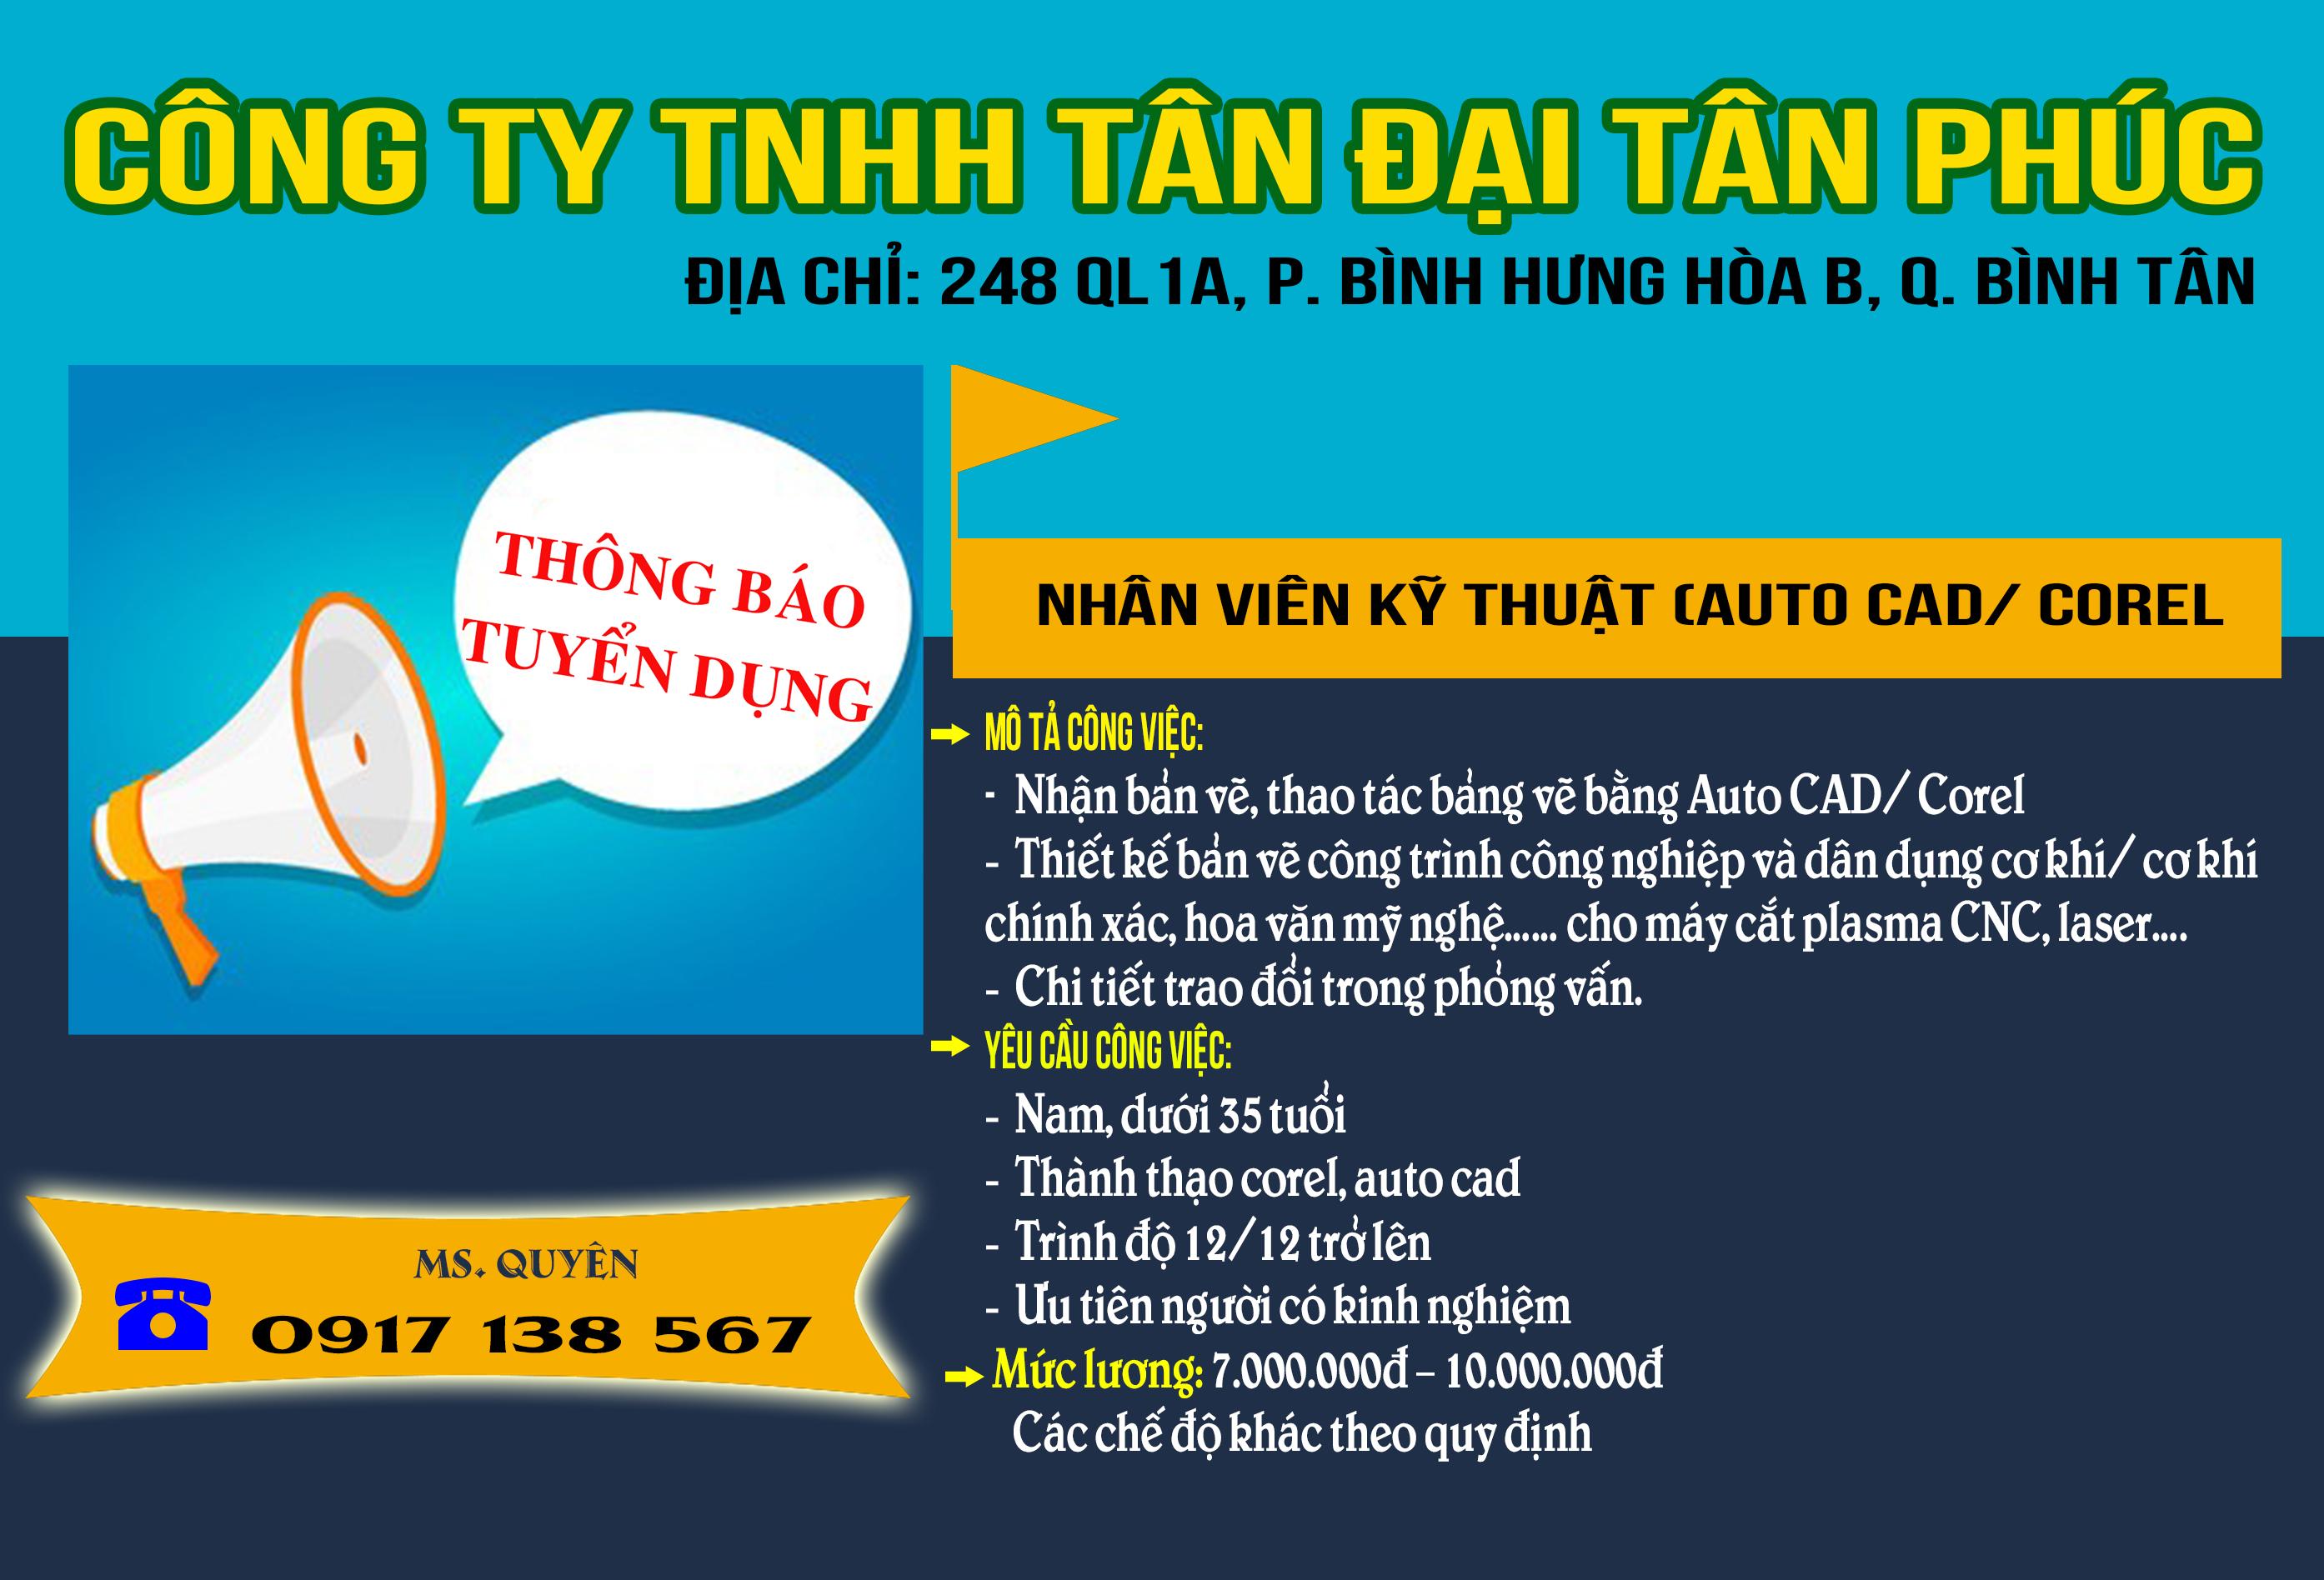 TUYEN DUNG  t6 - Copy (6).jpg (1.66 MB)